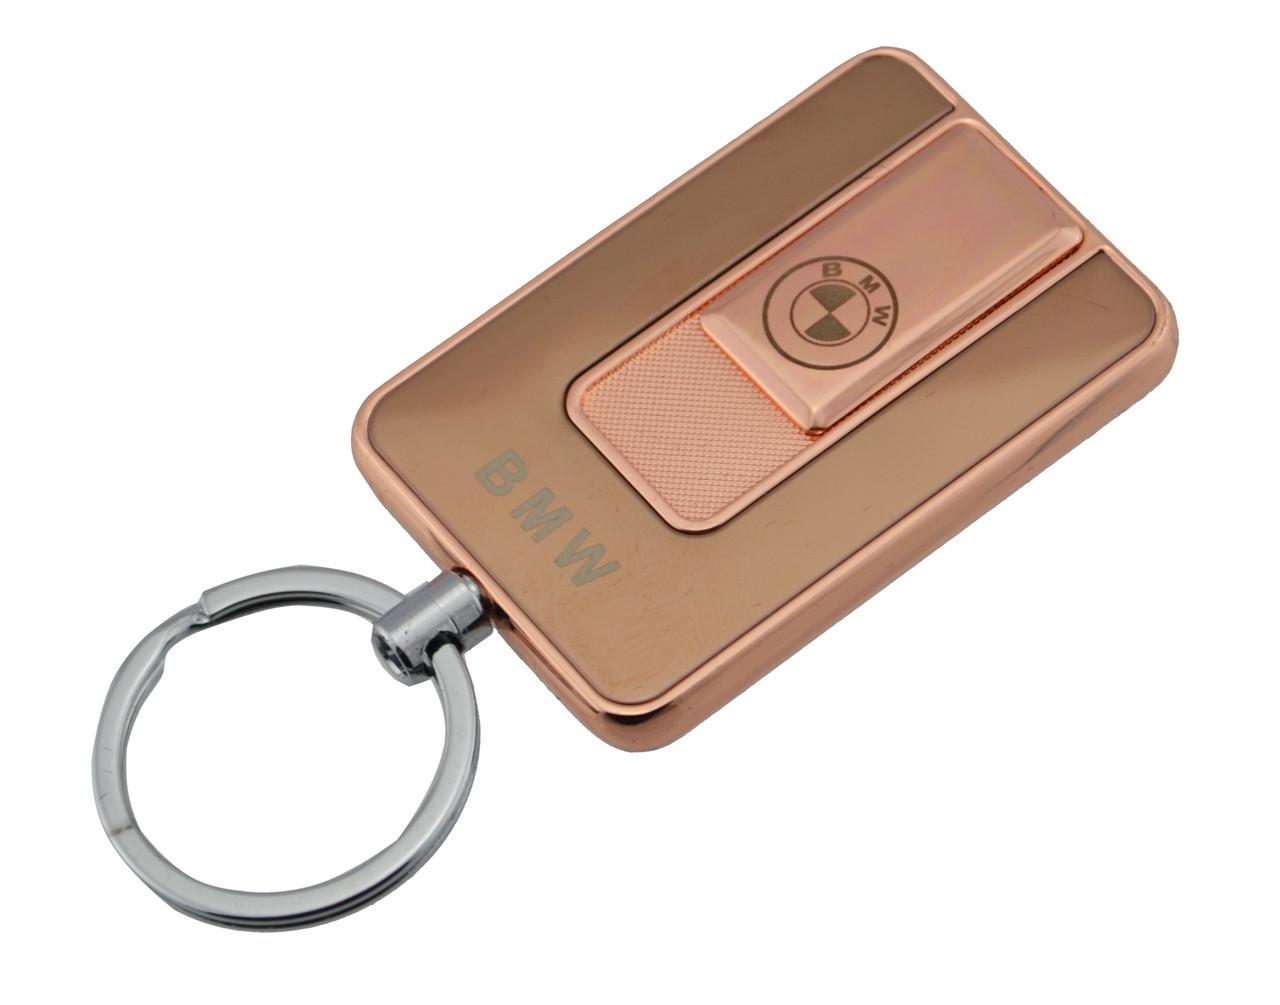 Электроимпульсная зажигалка  USB 811 BMW  золотистая